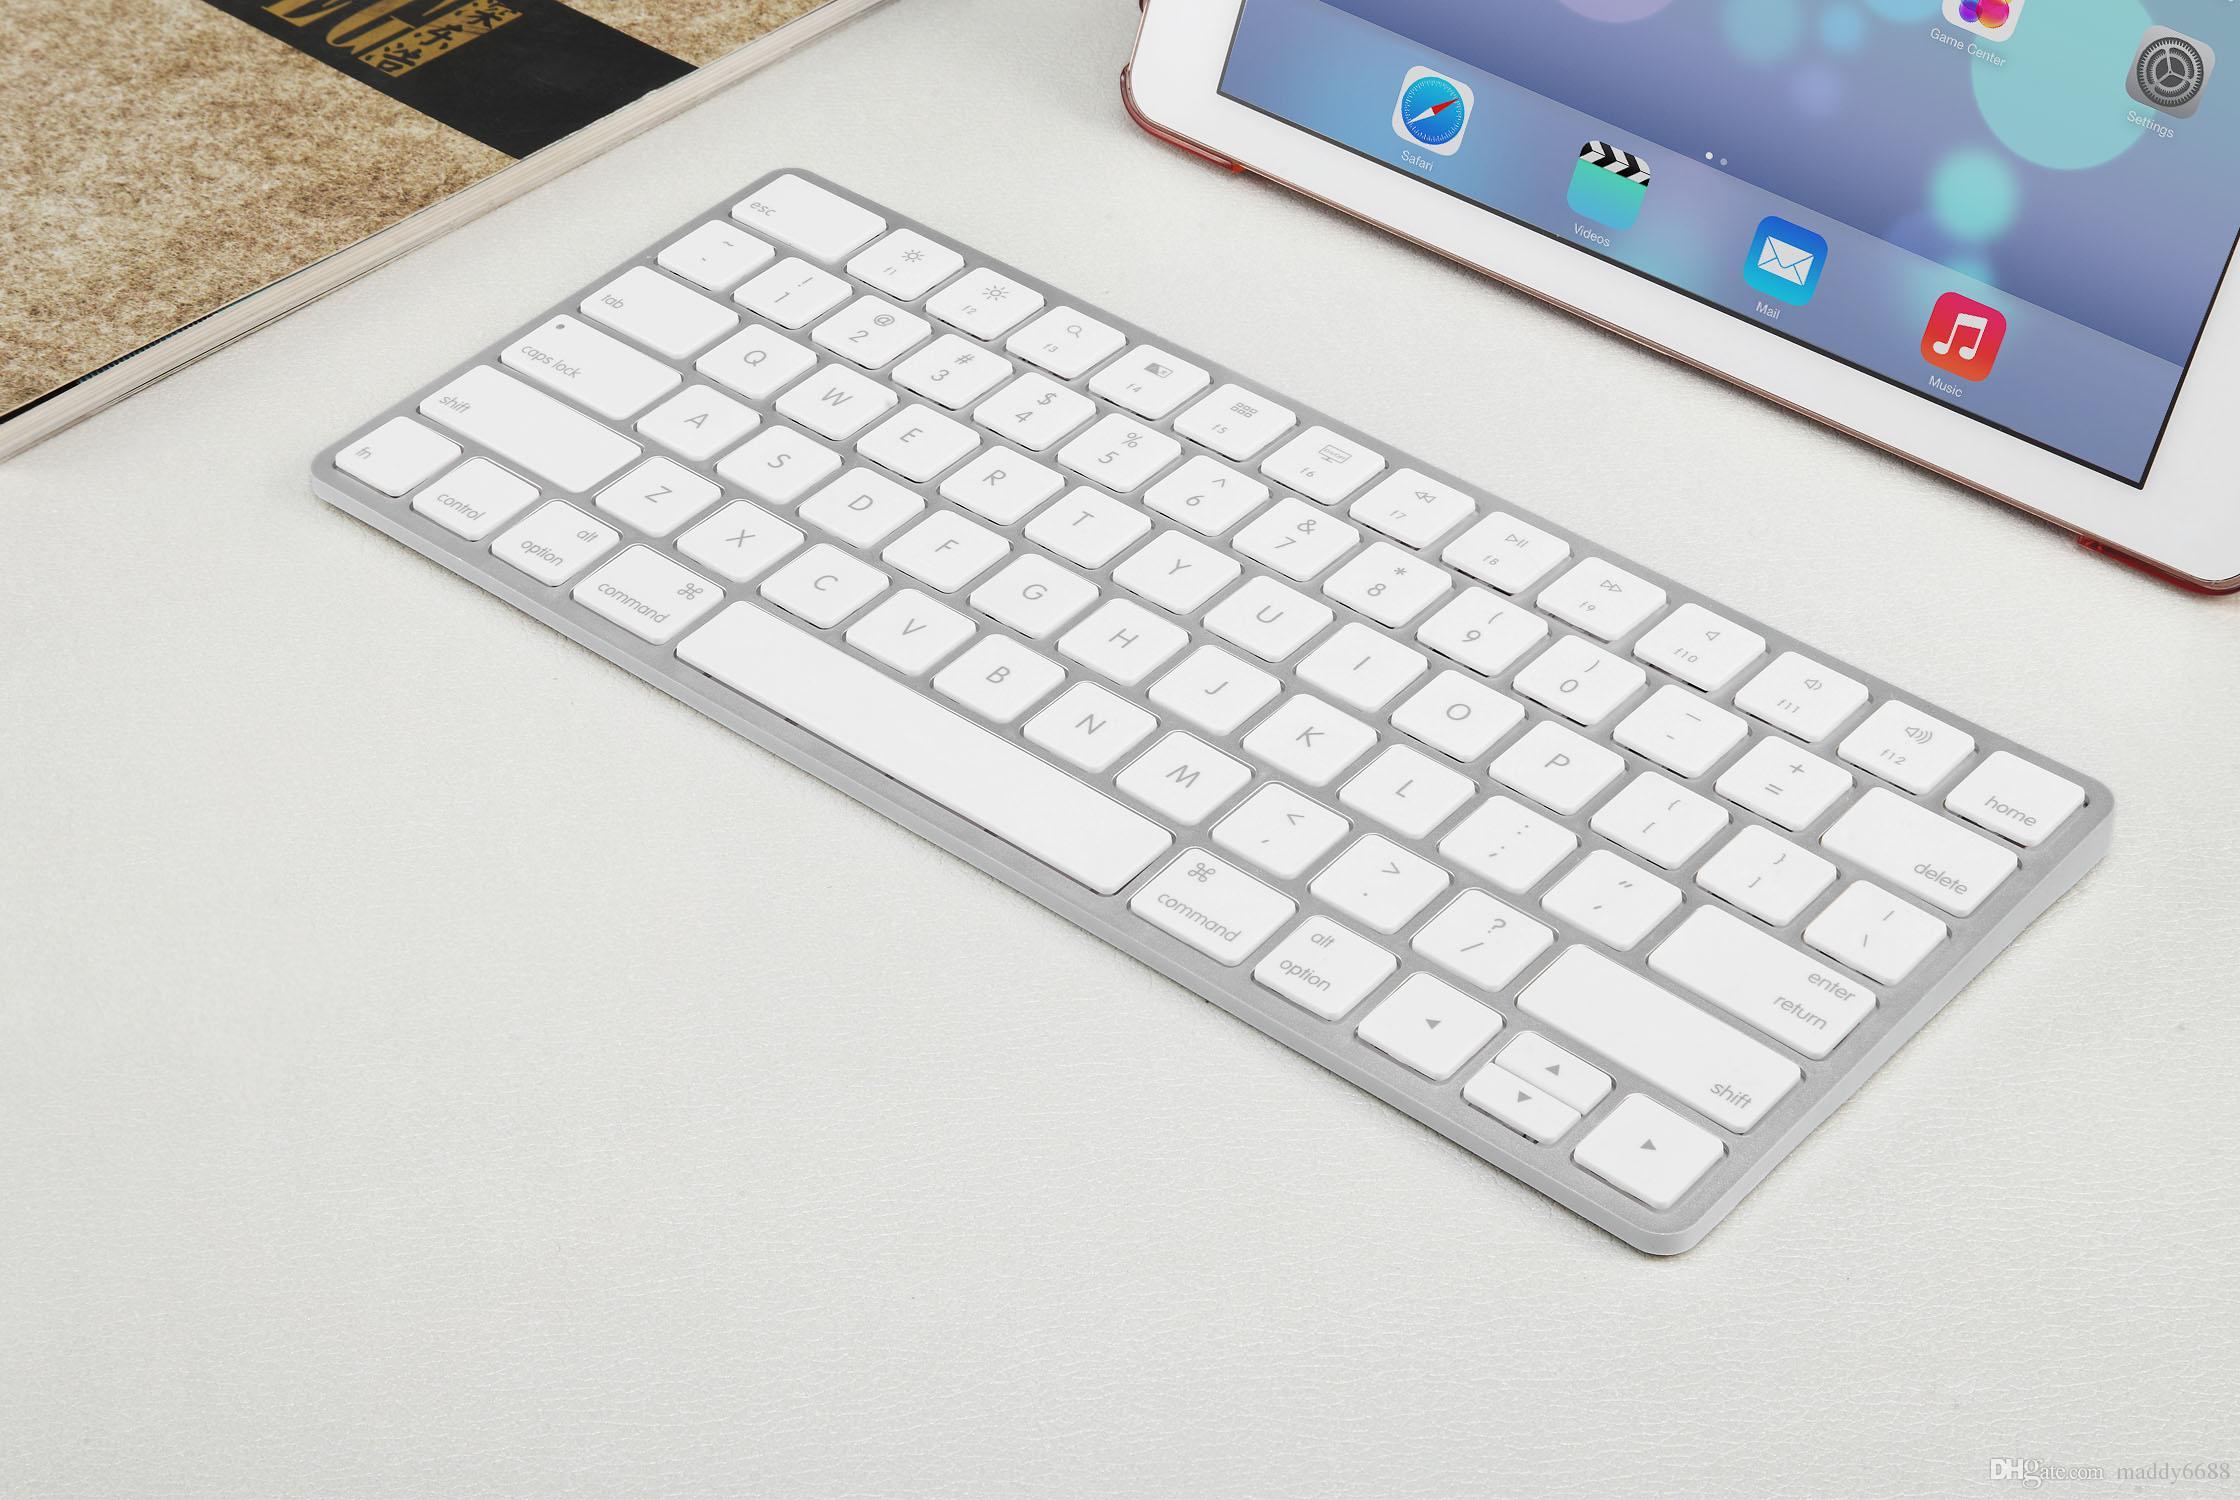 BK200 İşlevli Üç Sistem Kullanımı Evrensel Multimedya Bilgisayar Dokunmatik Taşınabilir Beyaz Ultrathin 260 MAH Kablosuz Bluetooth Klavyeler